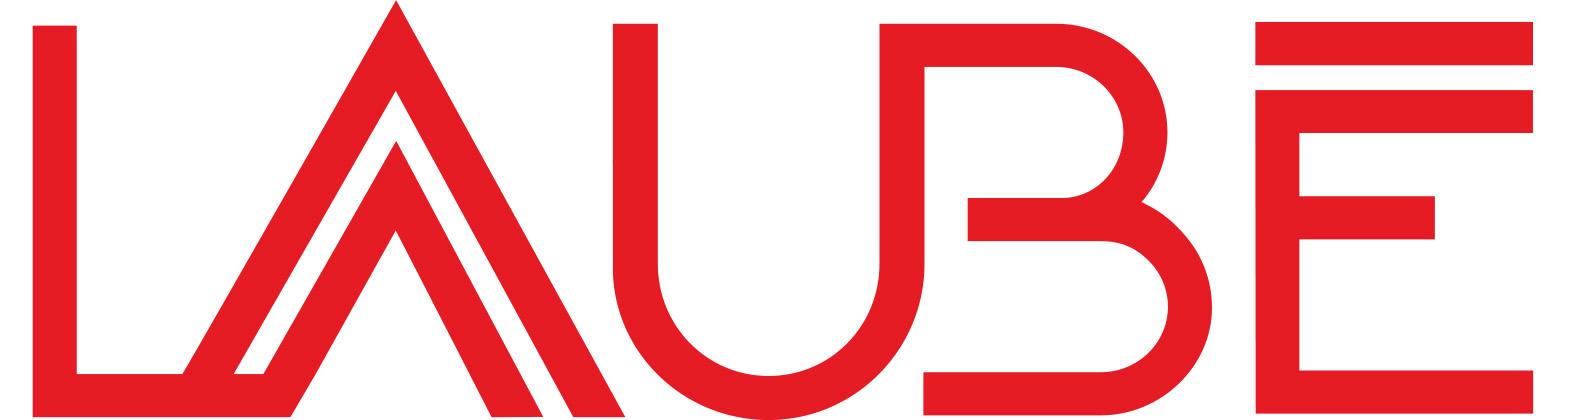 Laube-1.jpg